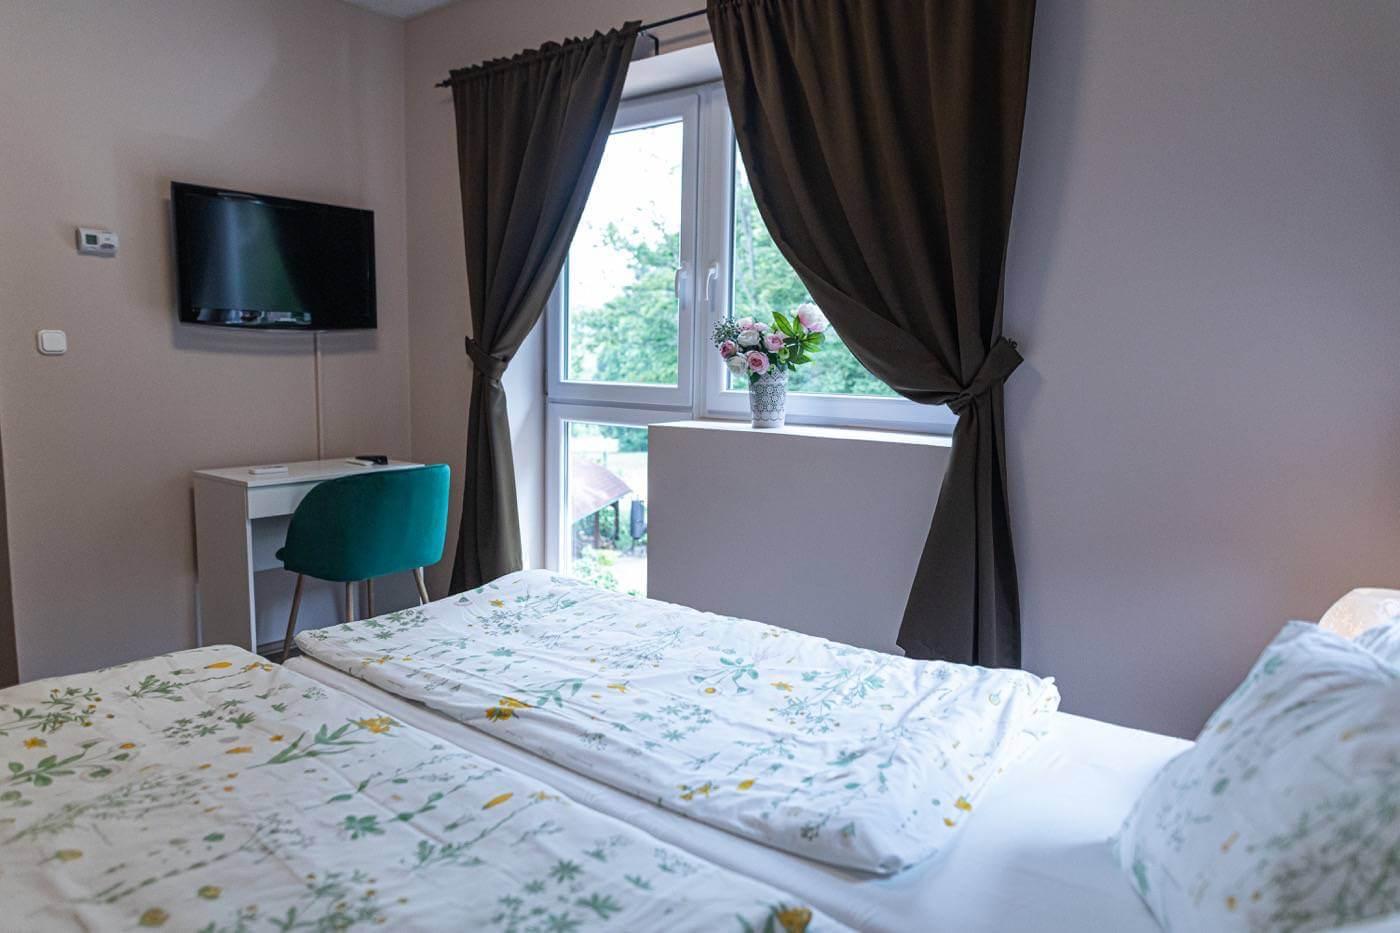 kétágyas bonnechance hotel szoba